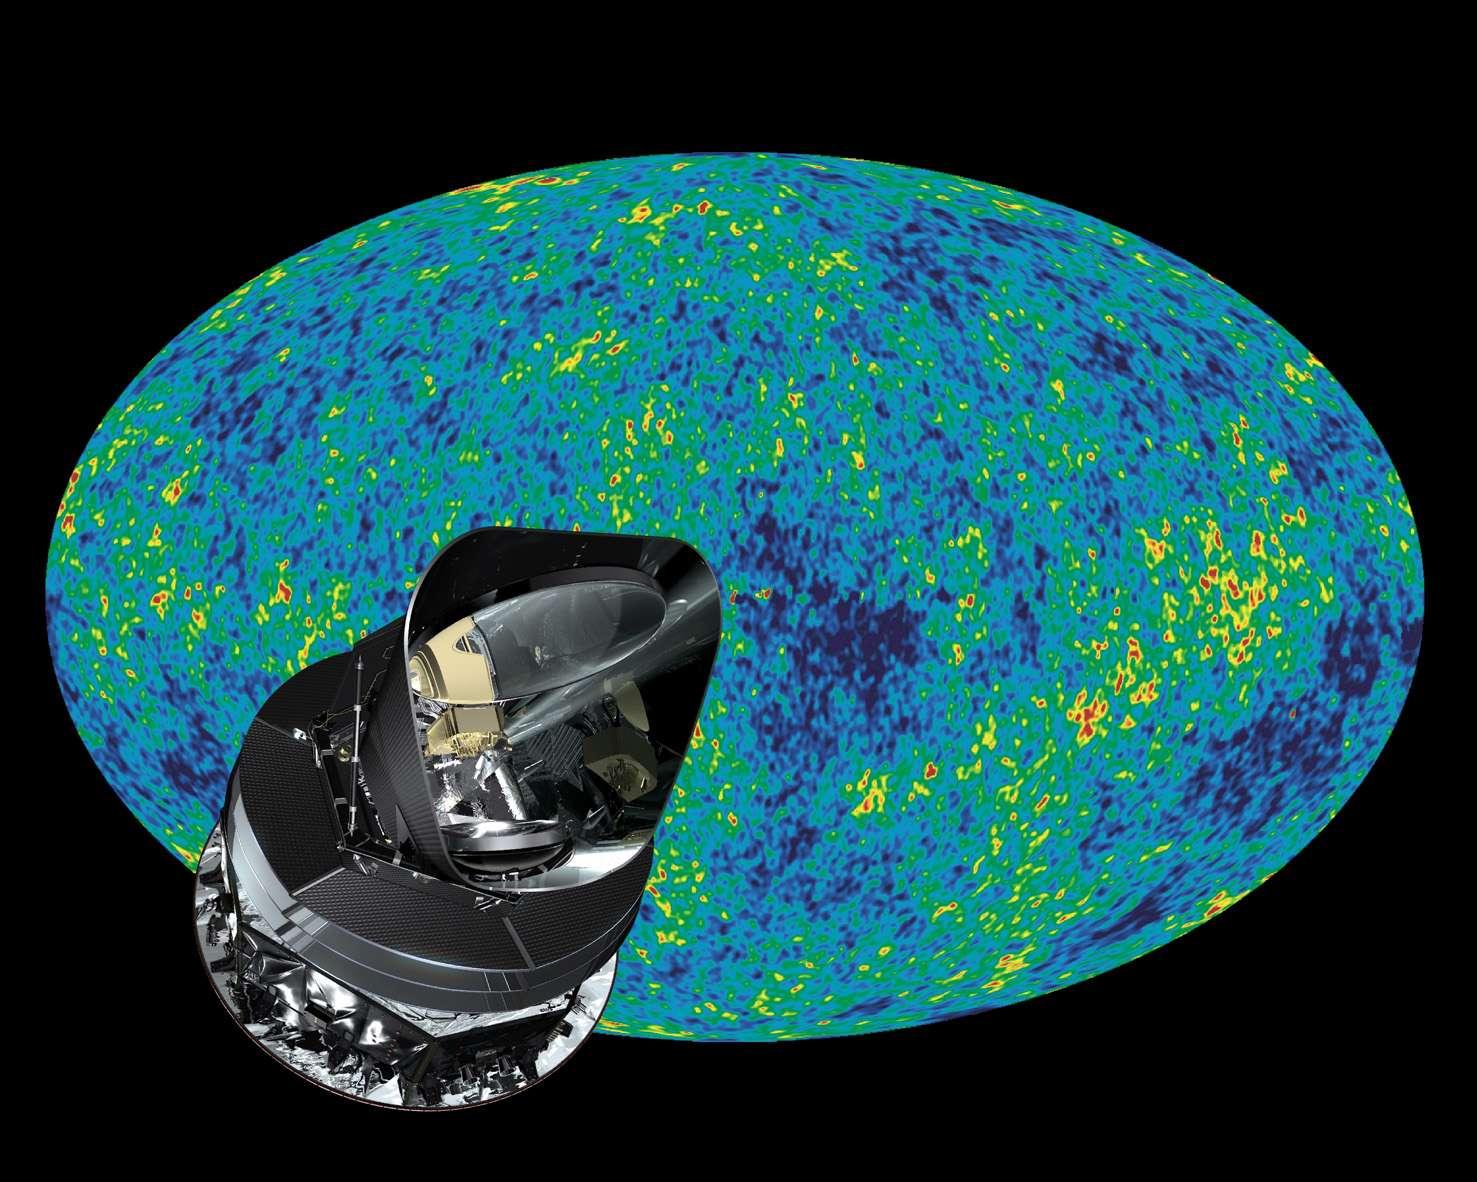 Simulation de la carte du rayonnement fossile observé par Planck, avec superposition du satellite. La vraie carte sera mise en ligne ce jeudi 21 mars. © Esa